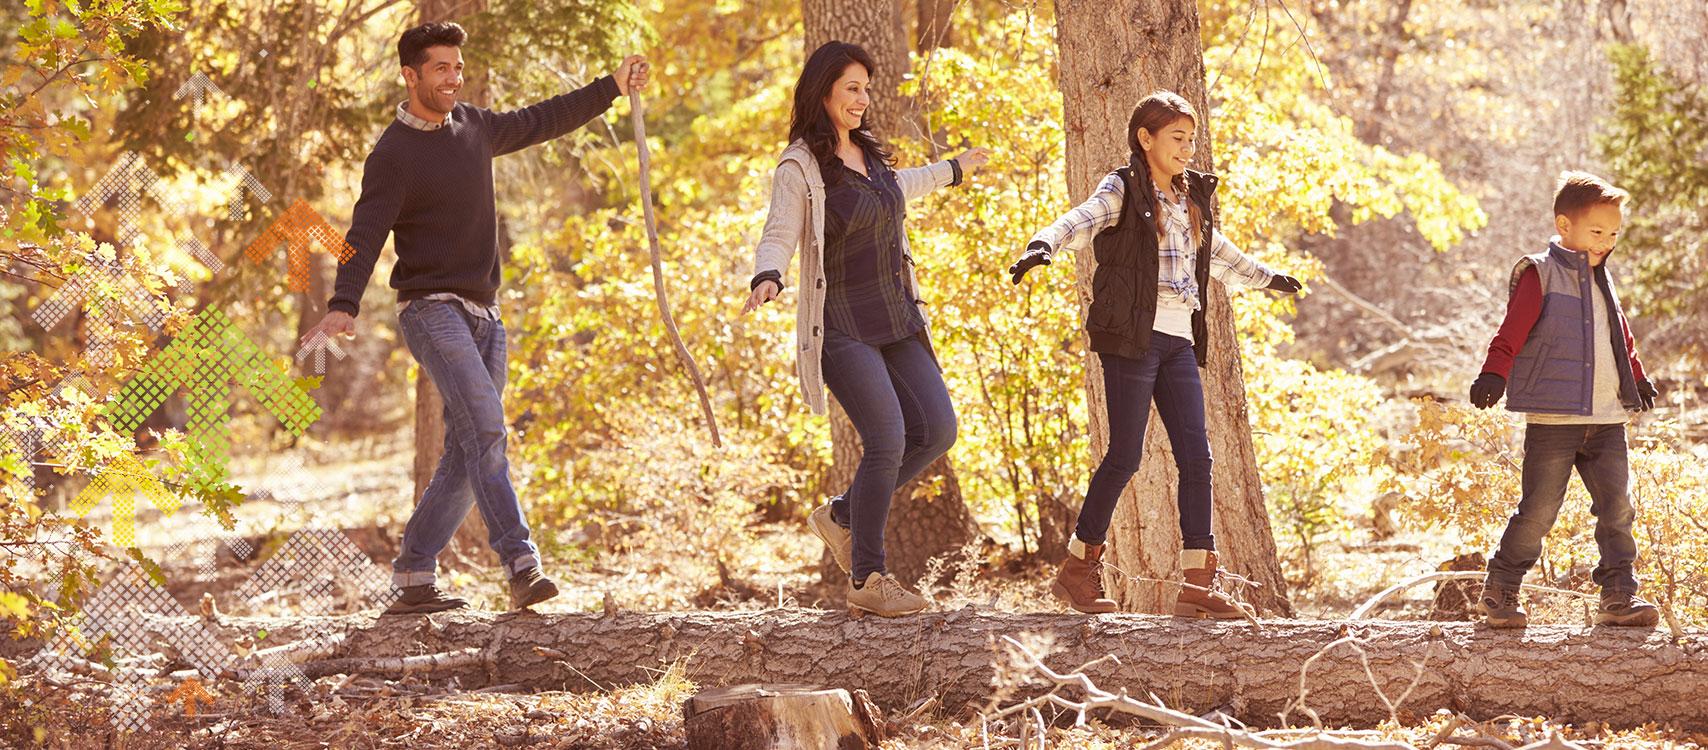 Familie balanciert über Baumstamm im Wald